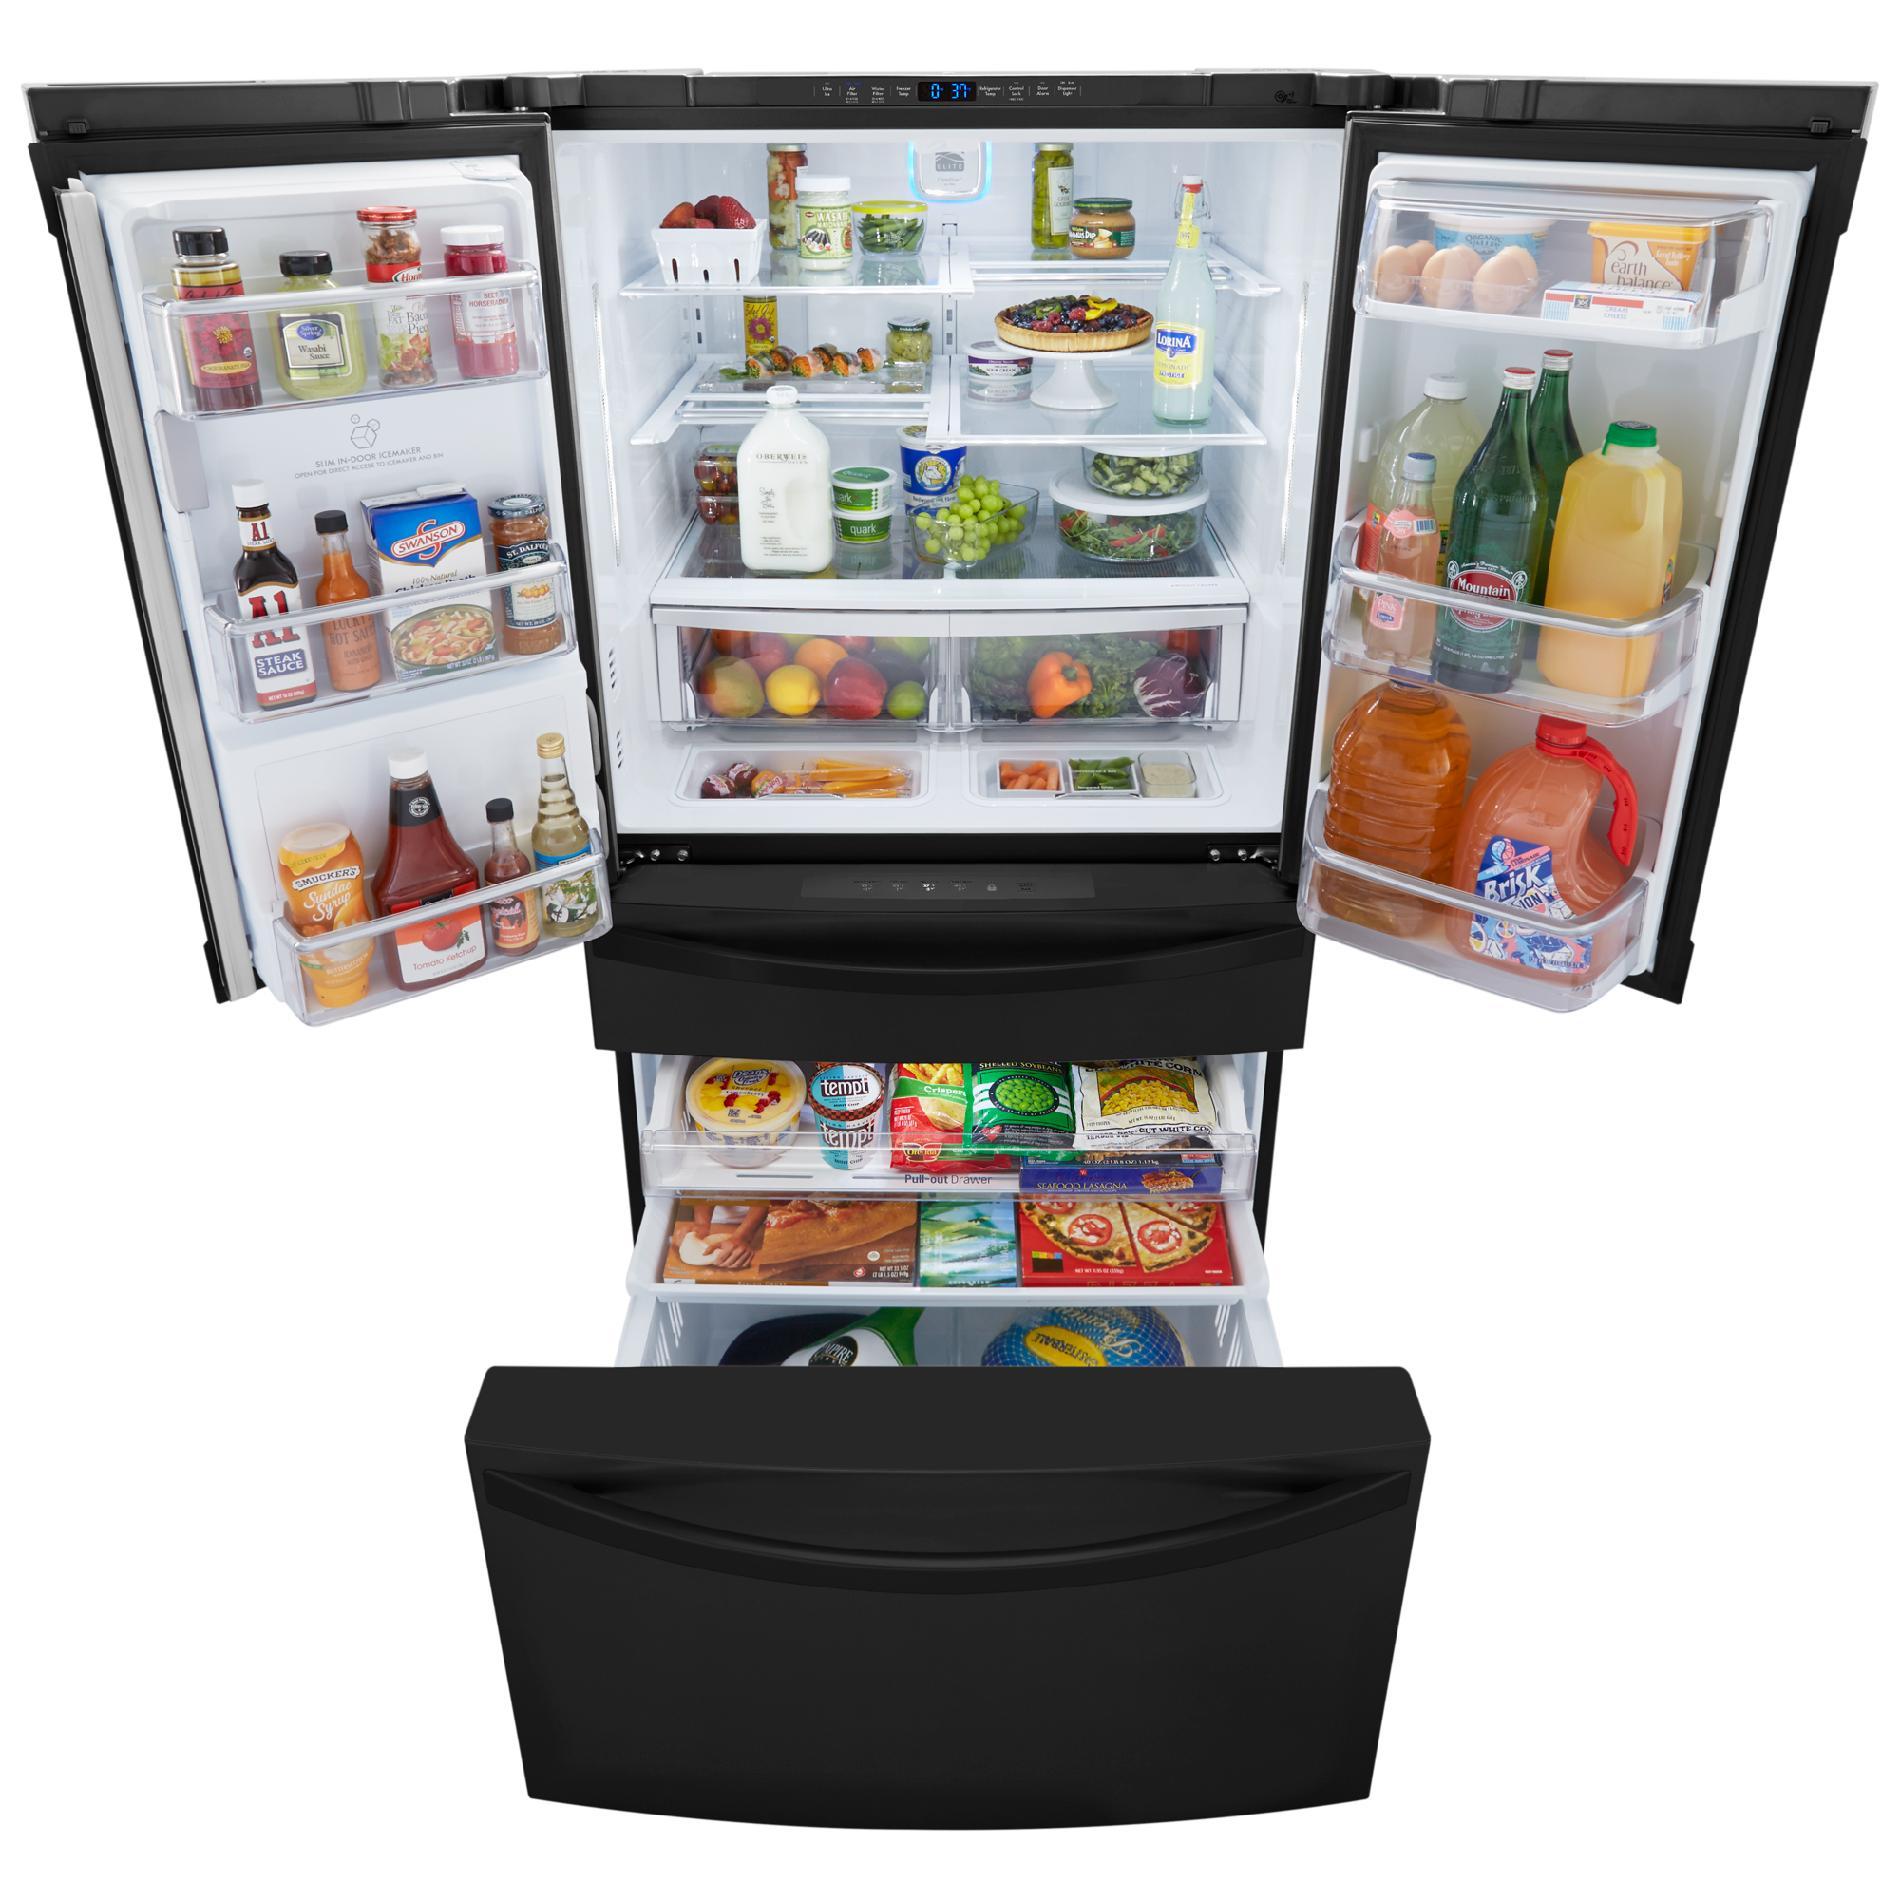 Kenmore Elite 72489 29.9 Cu. Ft. 4-Door Bottom-Freezer Refrigerator w/ Dispenser - Black